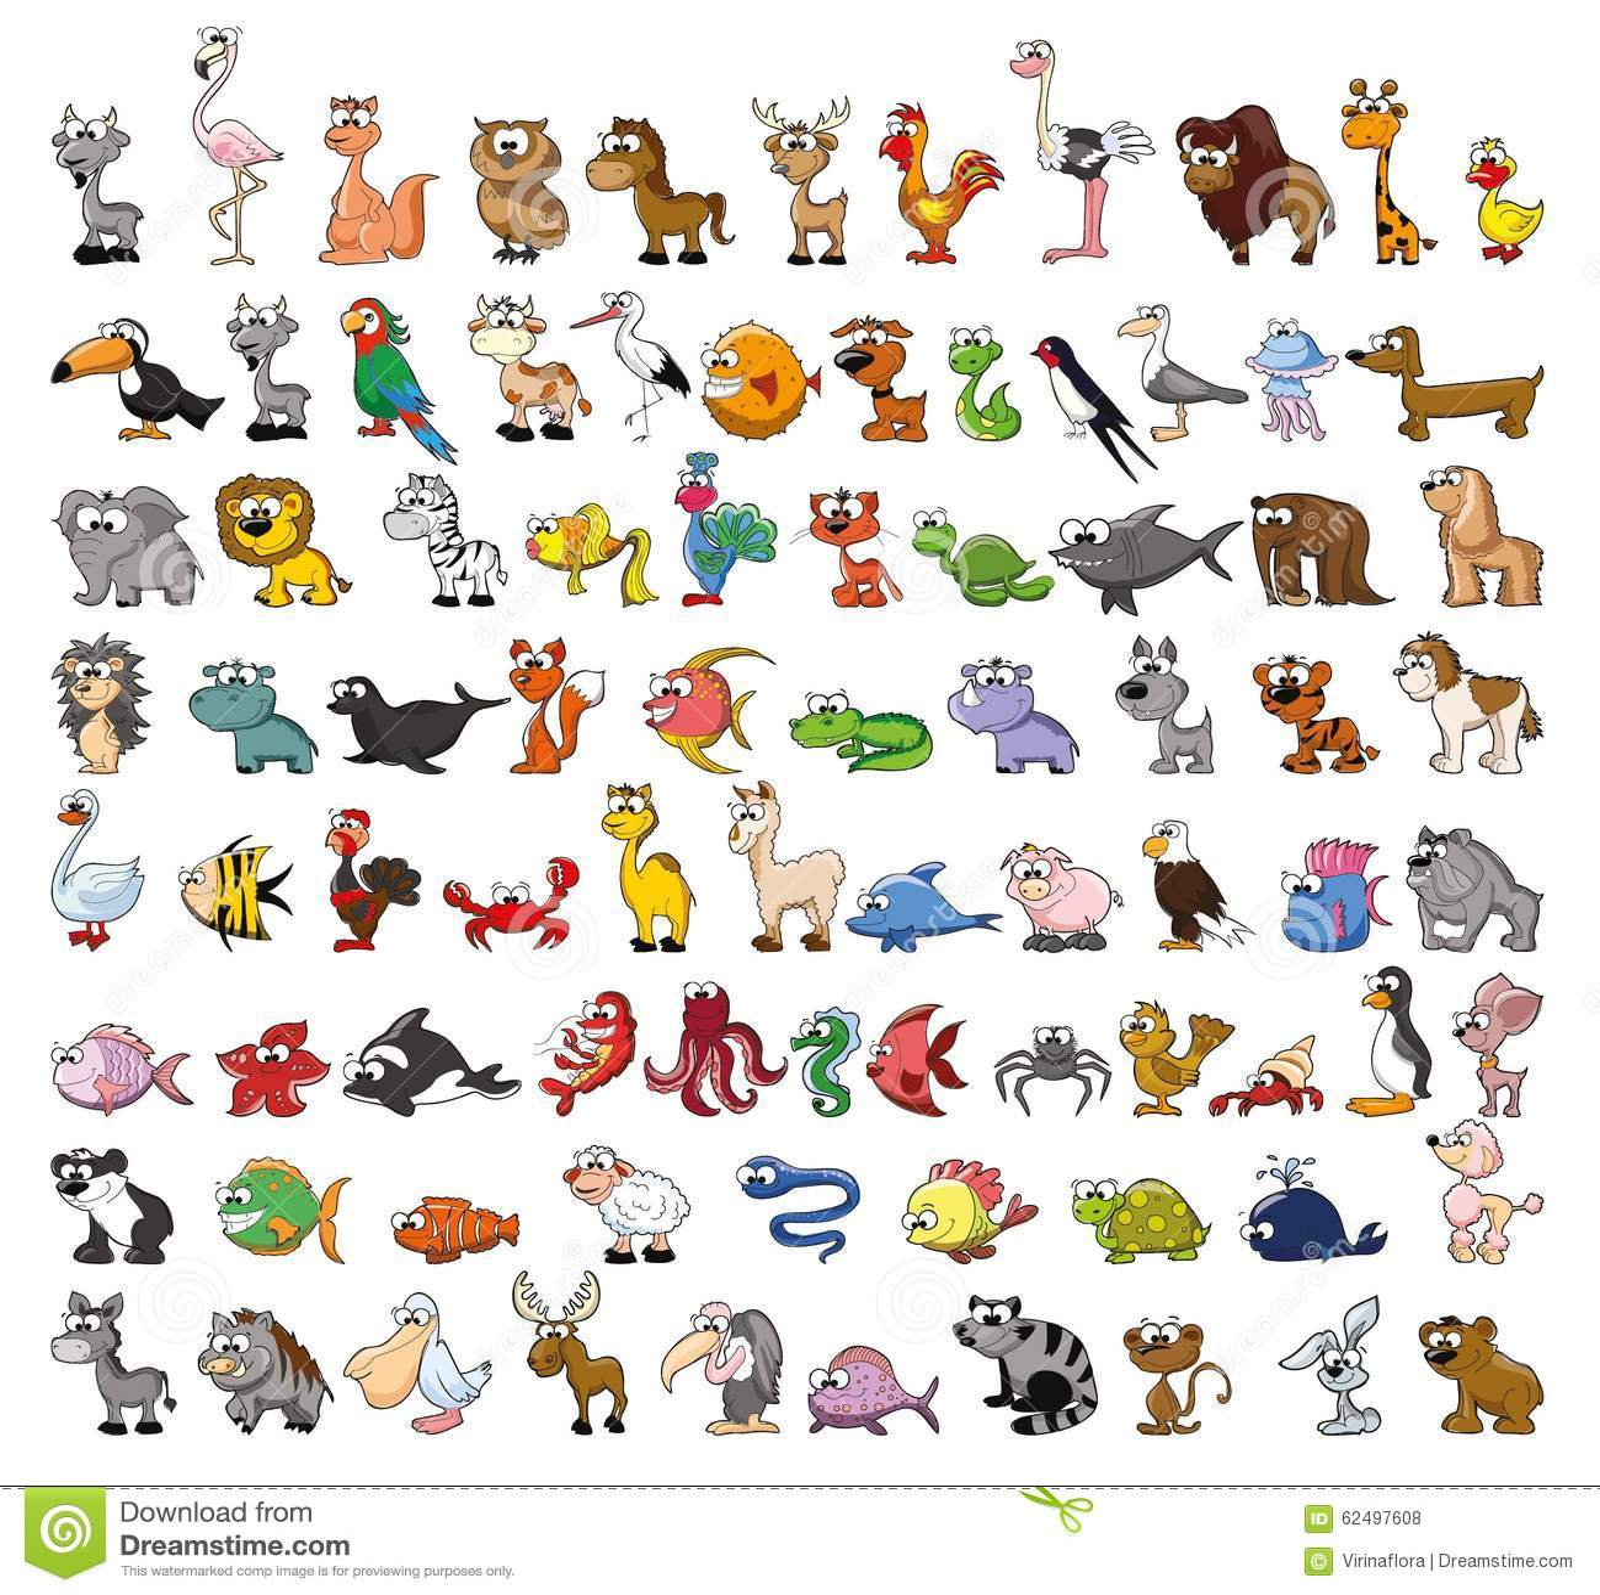 Dessin D Animaux Mignon ensemble d'animaux mignons de dessin animé illustration de vecteur